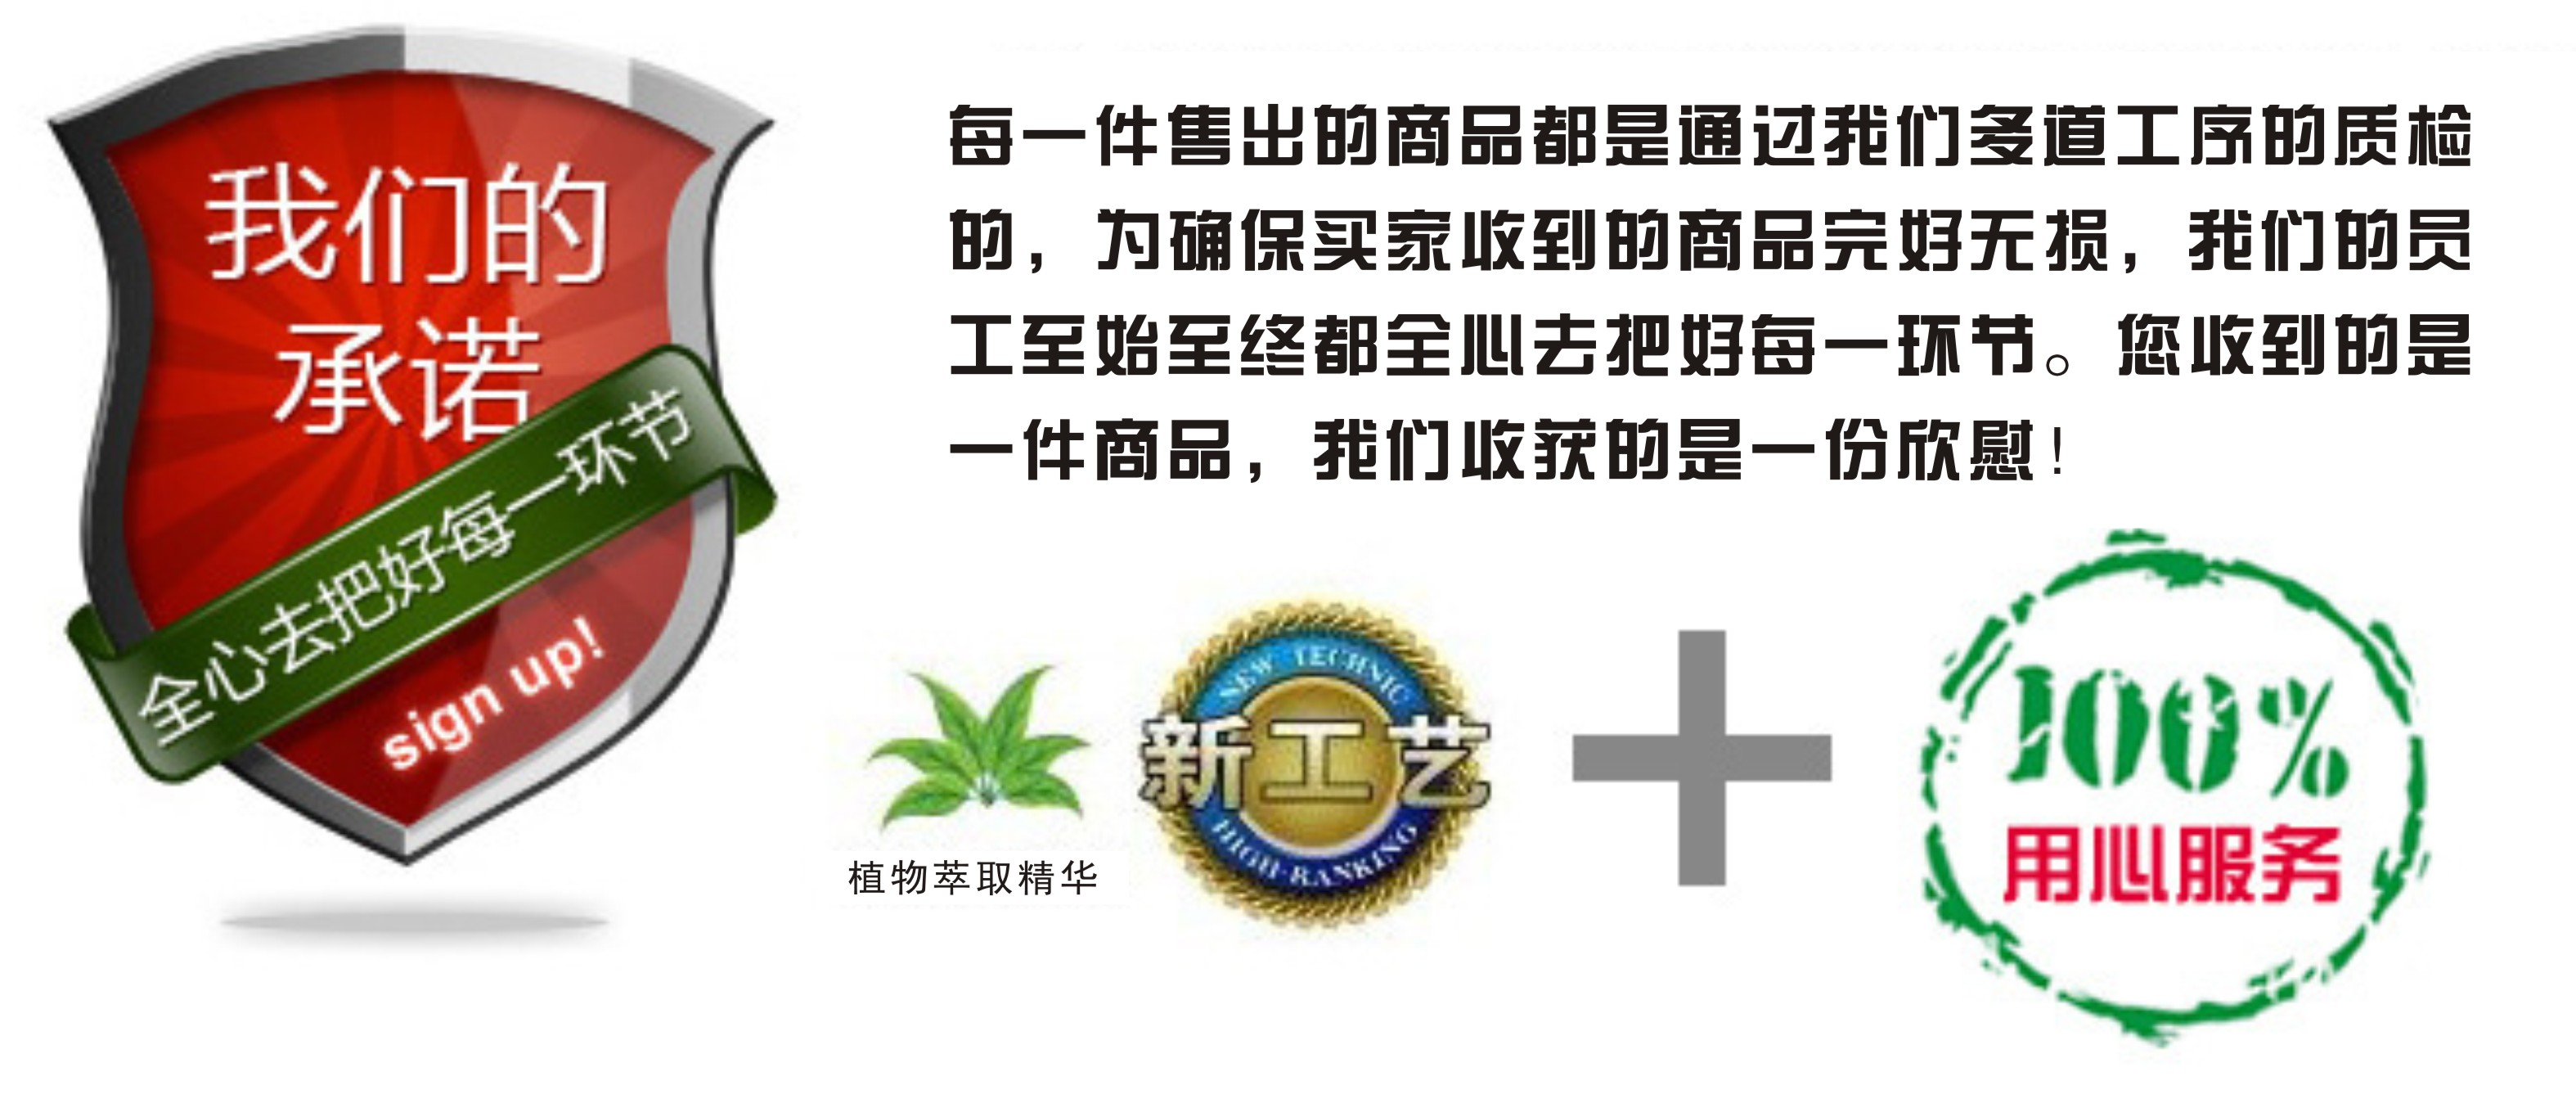 蛇床子提取物/植物提取物/蛇床子素示例圖10